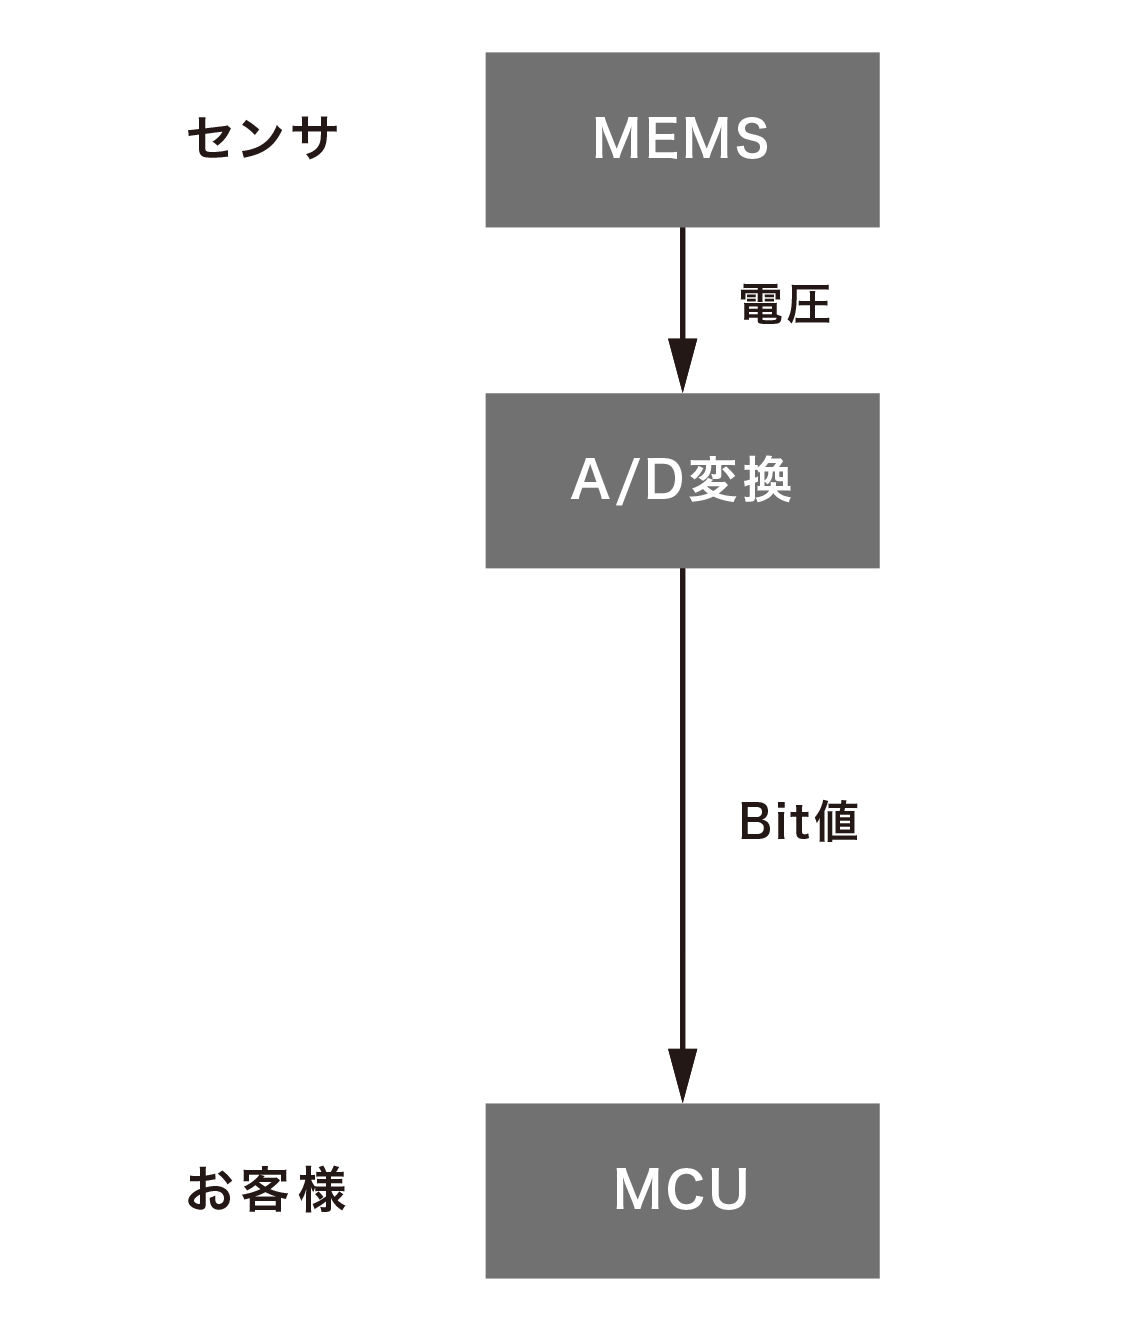 センサ MEMS→(電圧)→A/D変換(Bit値) お客様 MCU